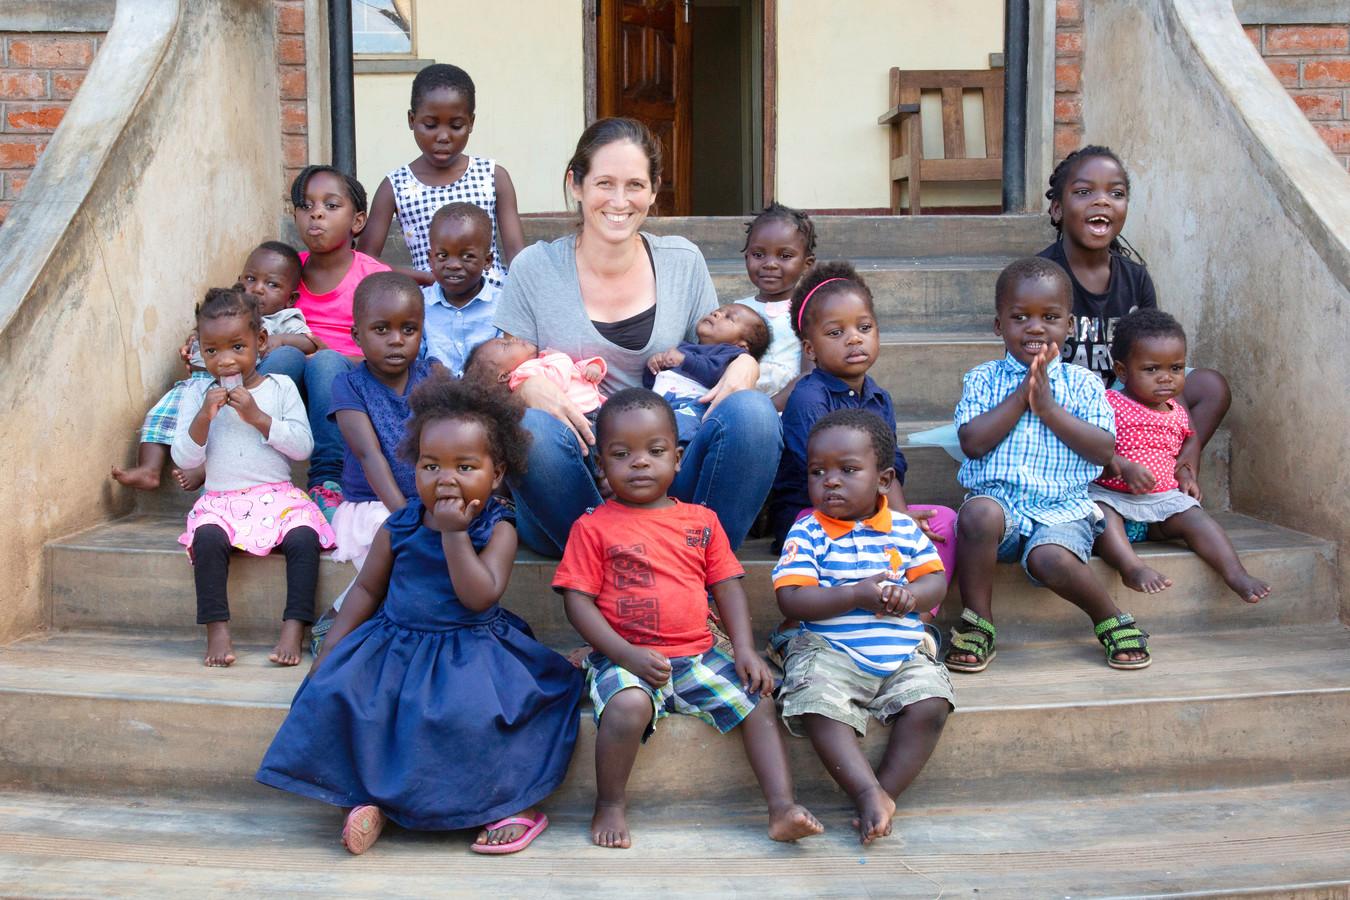 Nicole van Elteren uit Zundert tussen de kinderen van haar eigen kindertehuis in Malawi. Ieder kind heeft een eigen, trieste voorgeschiedenis van ondervoeding, seksueel misbruik of voodoo-praktijken. ,,Terug naar Nederland? Geen denken aan. Wie moet er dan voor deze kinderen zorgen?''